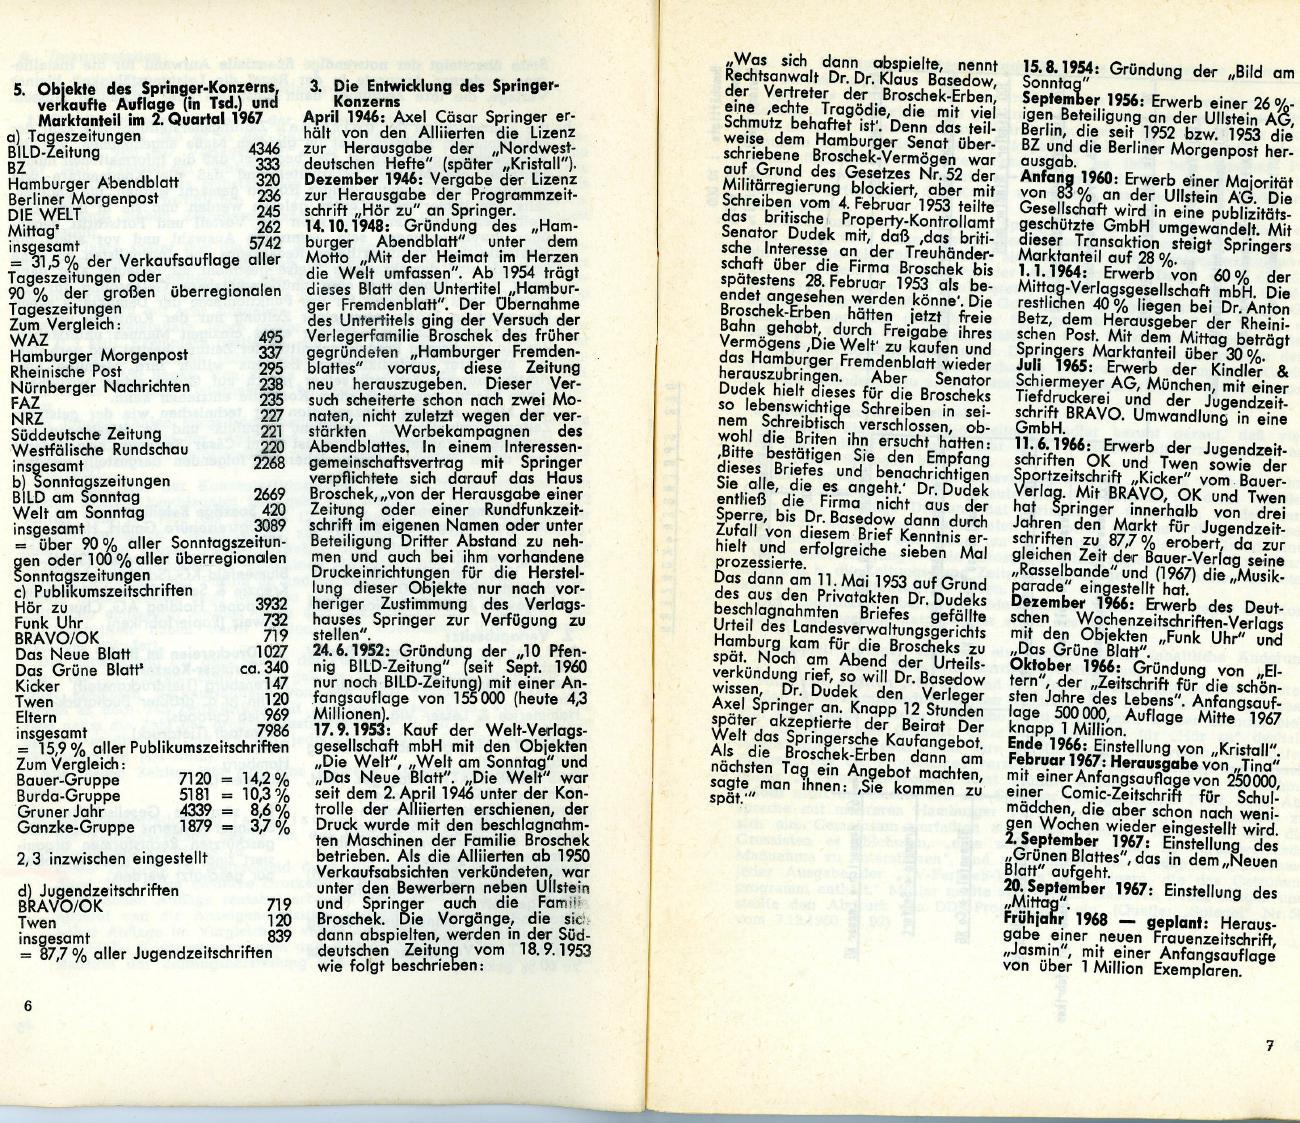 Berlin_RC_1967_Springer_enteignen_06